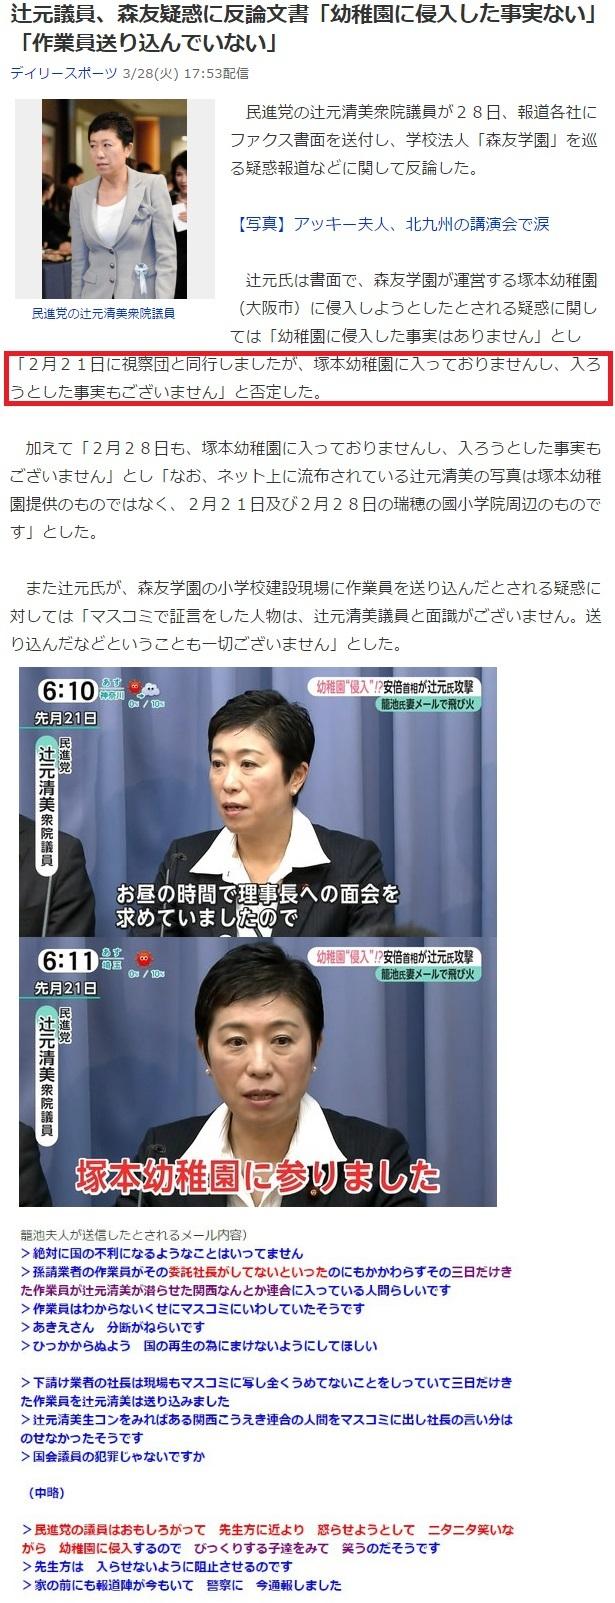 ミン死党「辻本清美の不都合な真実を拡散するな」2